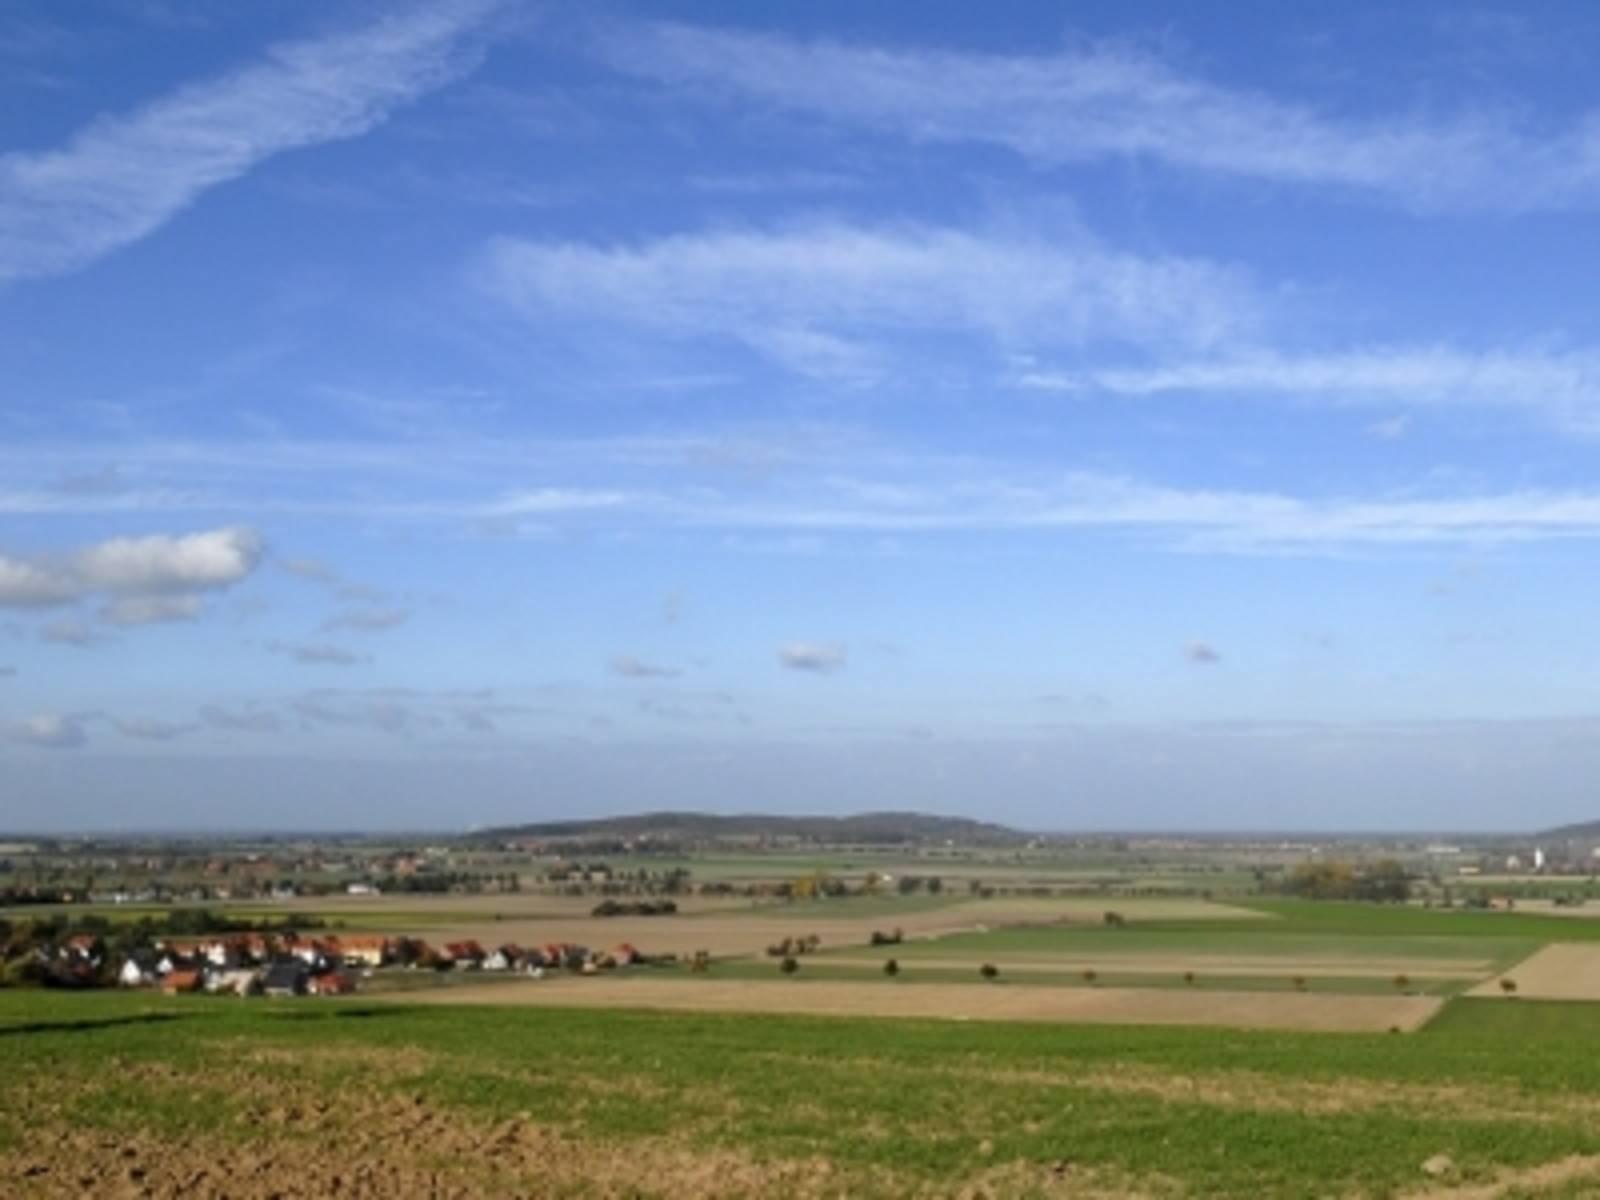 Landschaft vor blauem Himmel, mit den Erhebungen des Gehrdener Berges und Benther Berg